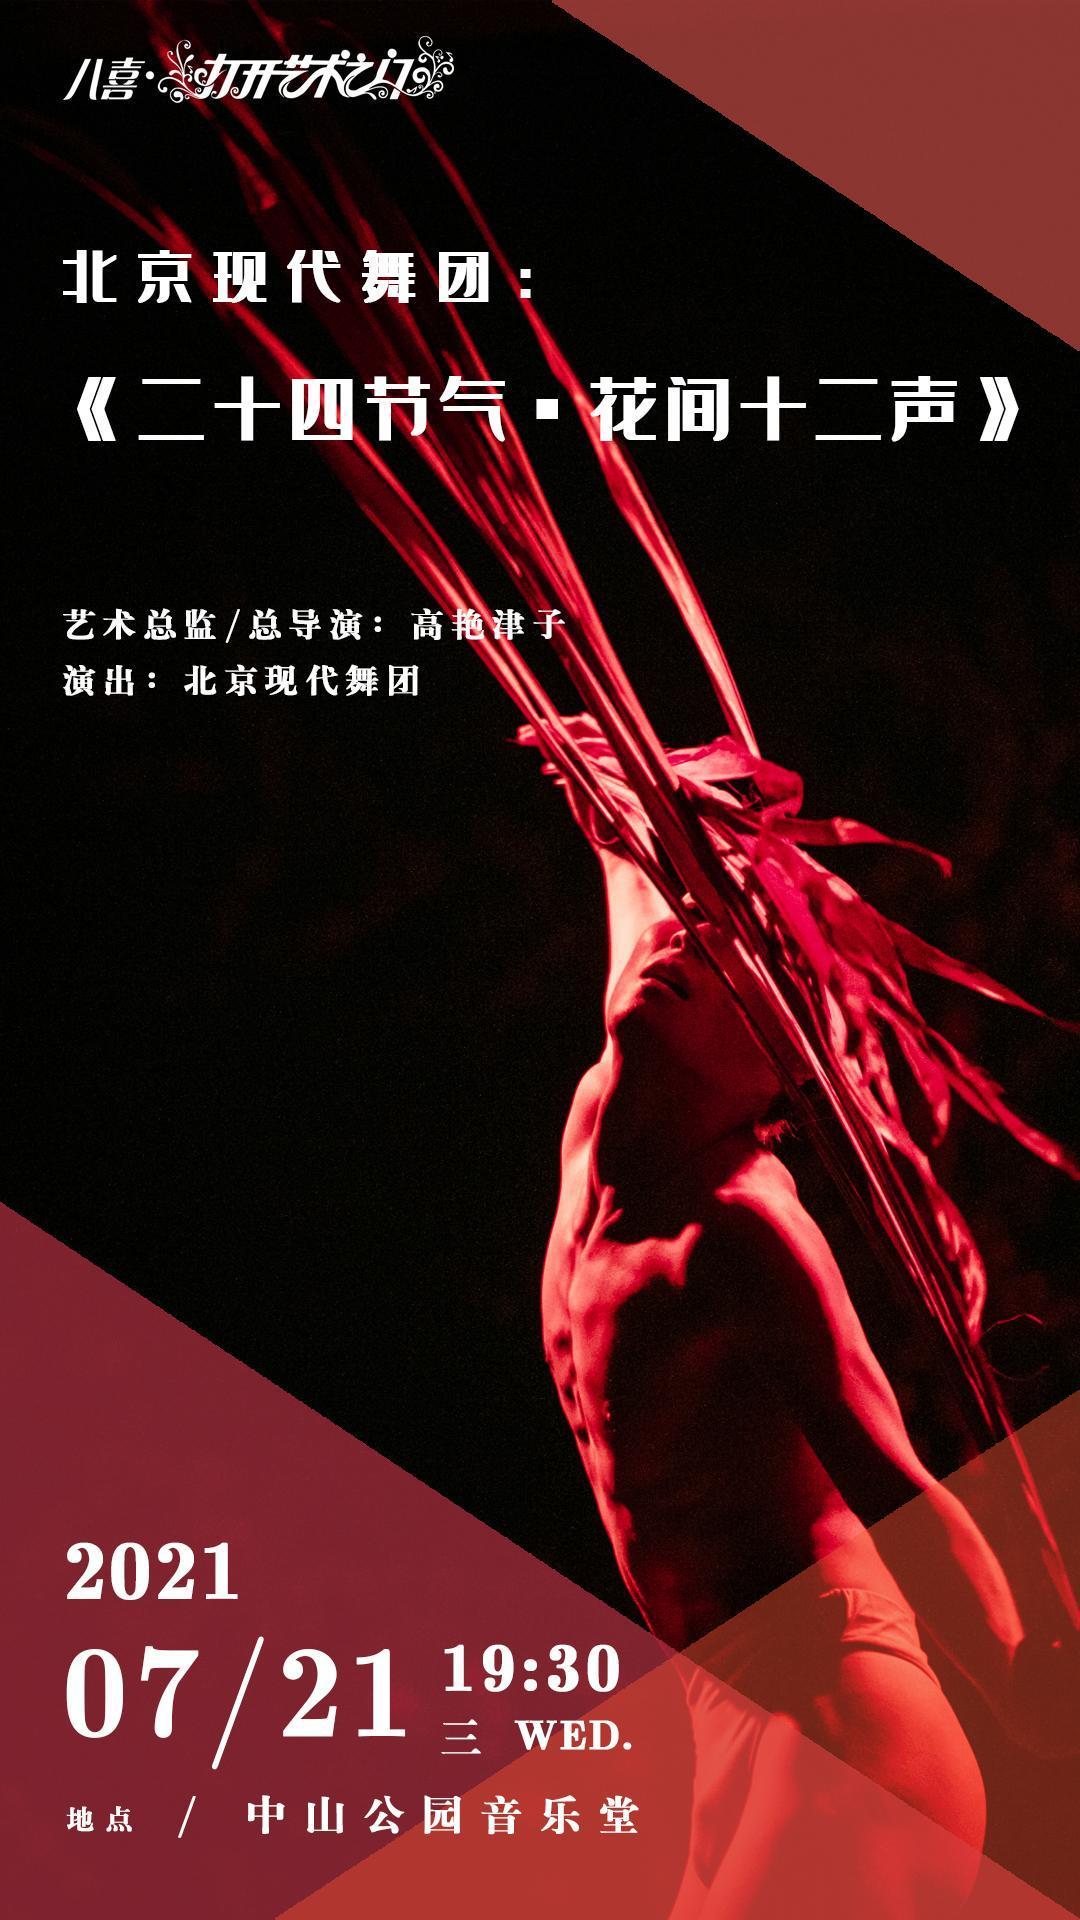 21.7.21北京现代舞团:《二十四节气·花间十二声》.jpg